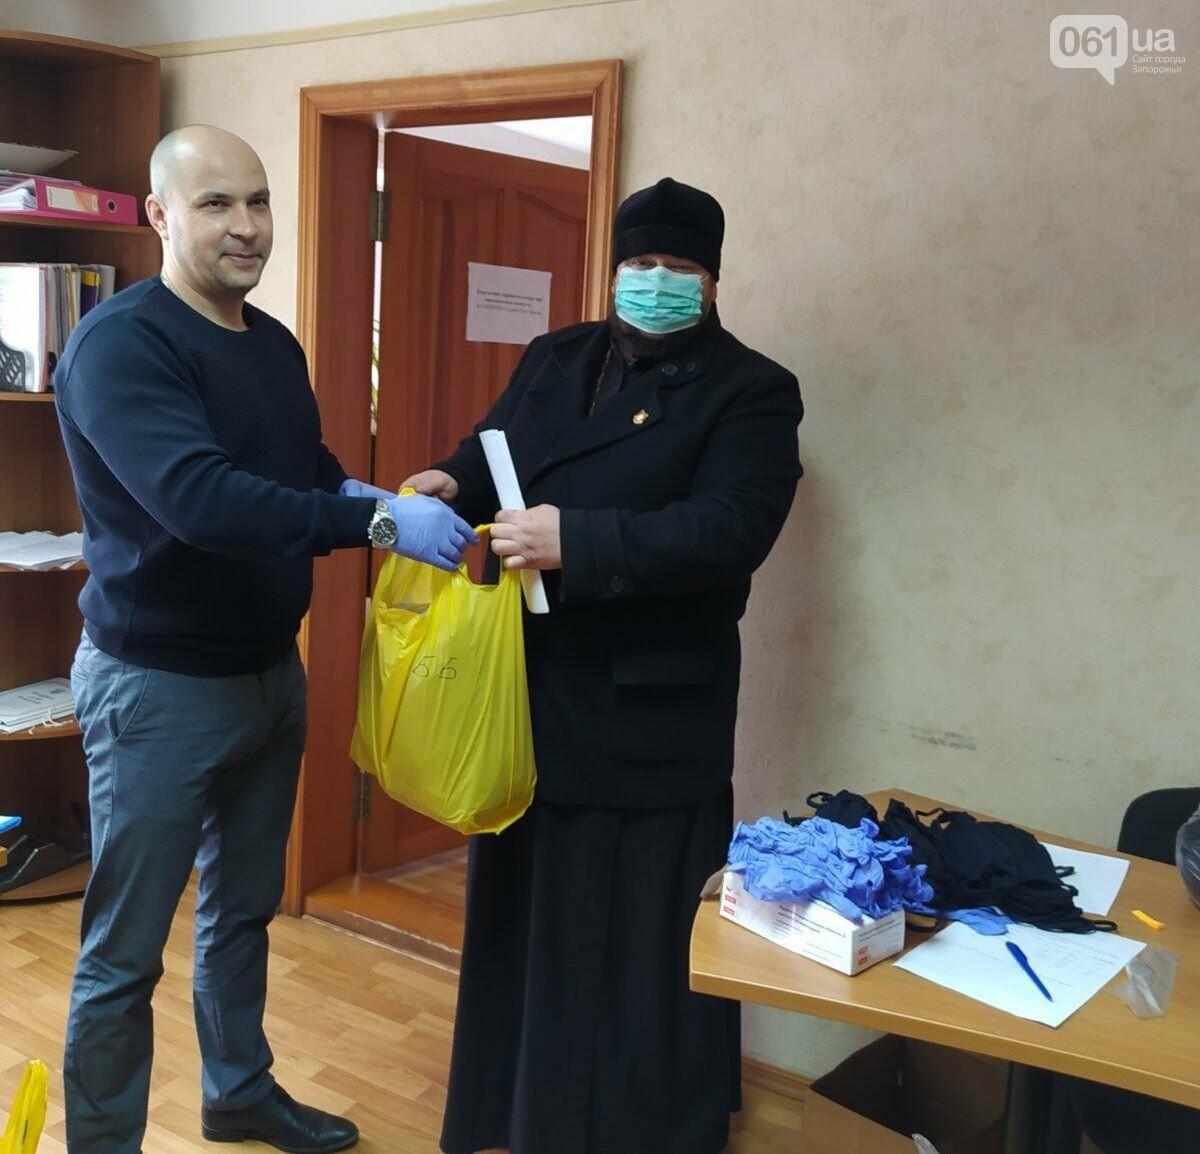 Пошив масок в школьной мастерской, социальное такси и пункты приема больных: что делают громады Запорожской области на карантине, фото-1